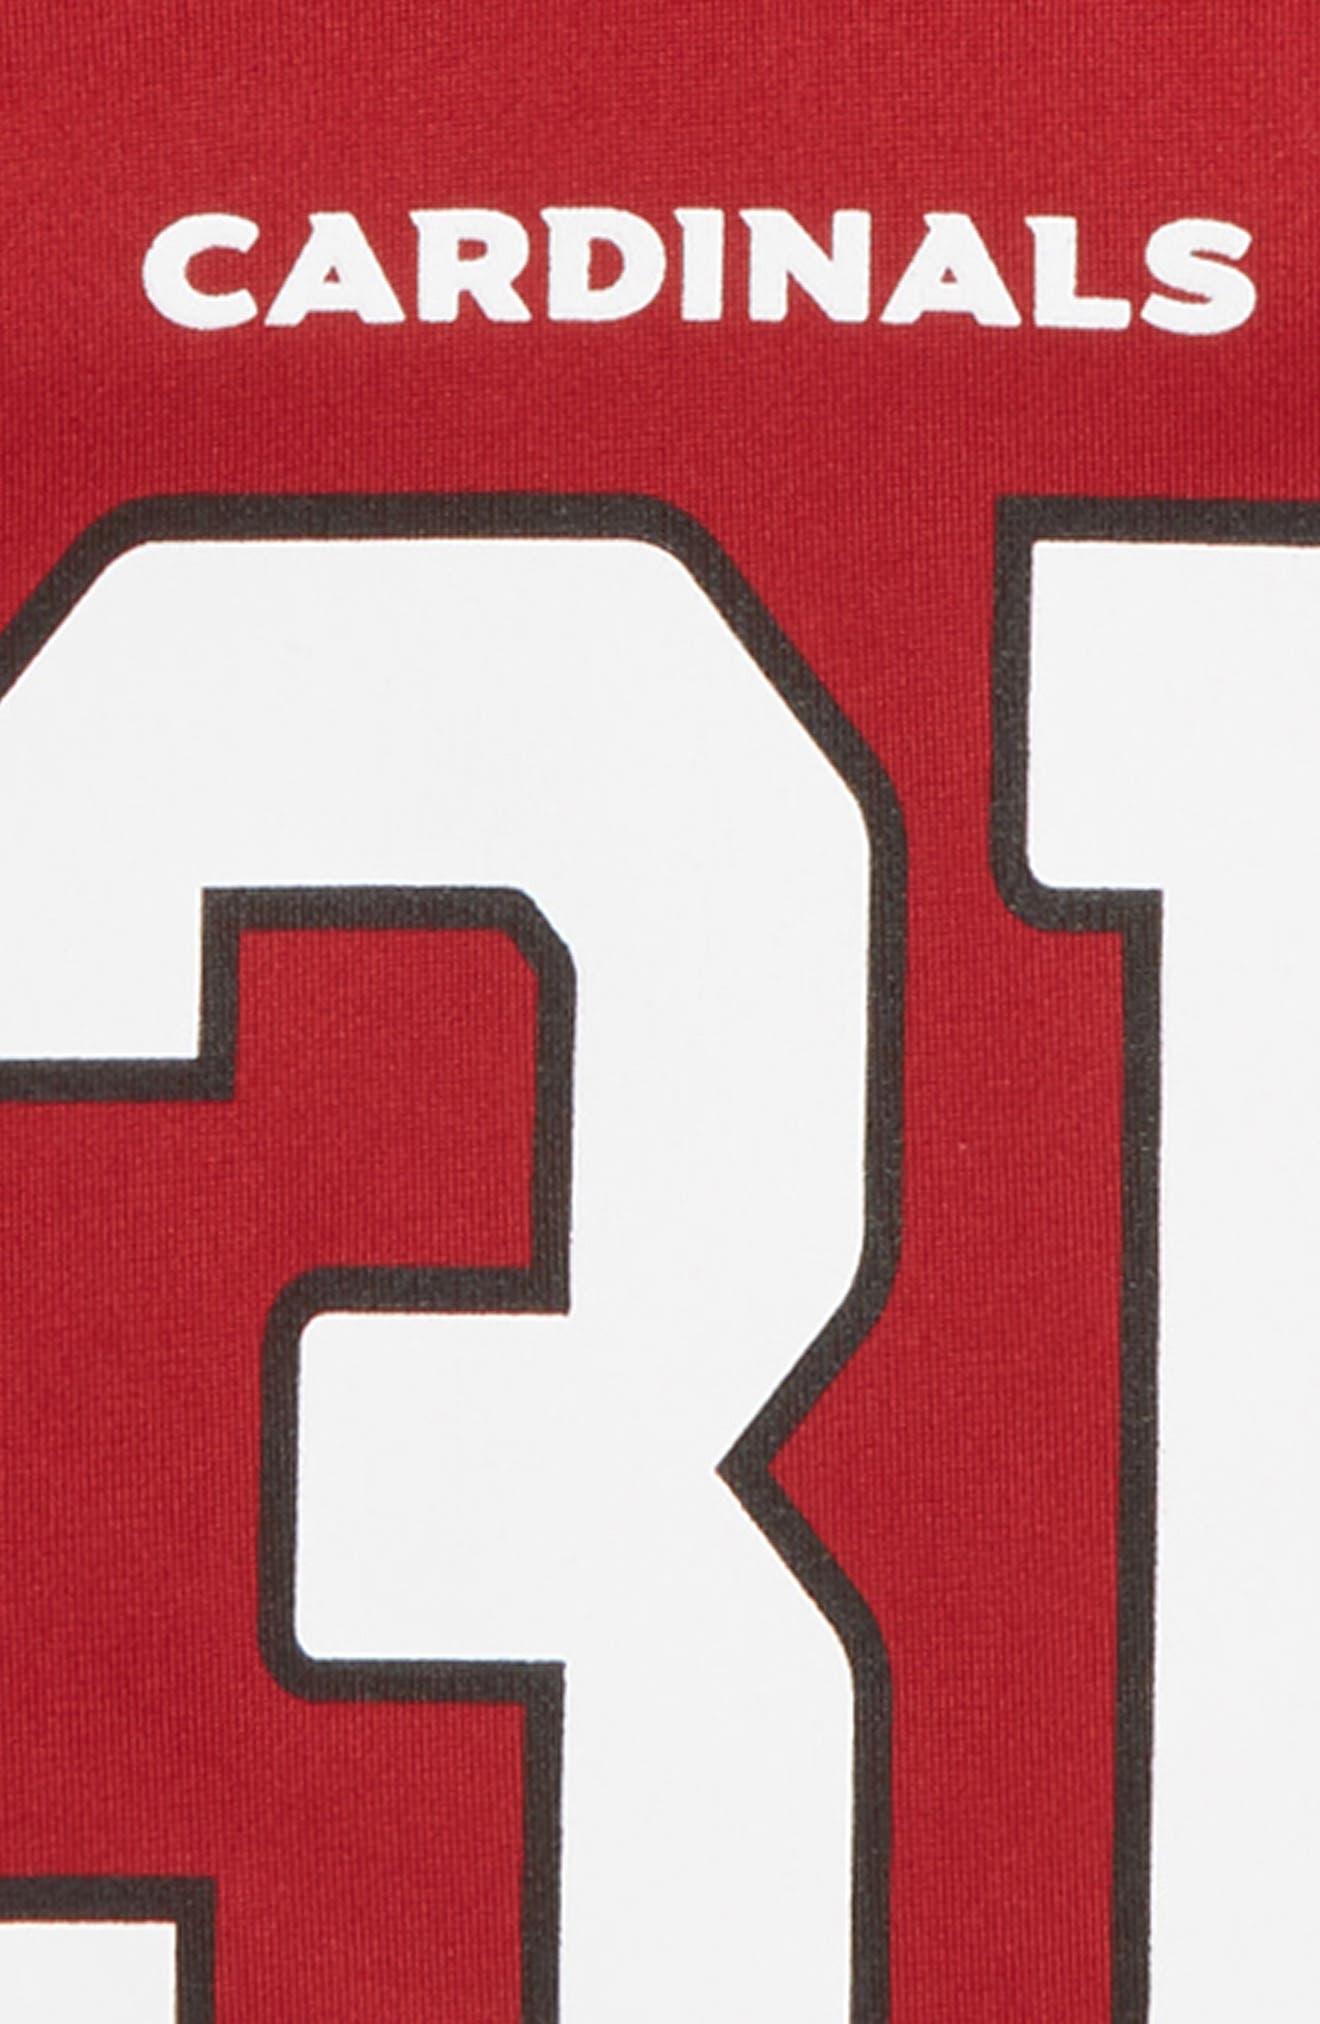 NFL Arizona Cardinals David Johnson Jersey,                             Alternate thumbnail 3, color,                             CARDINAL